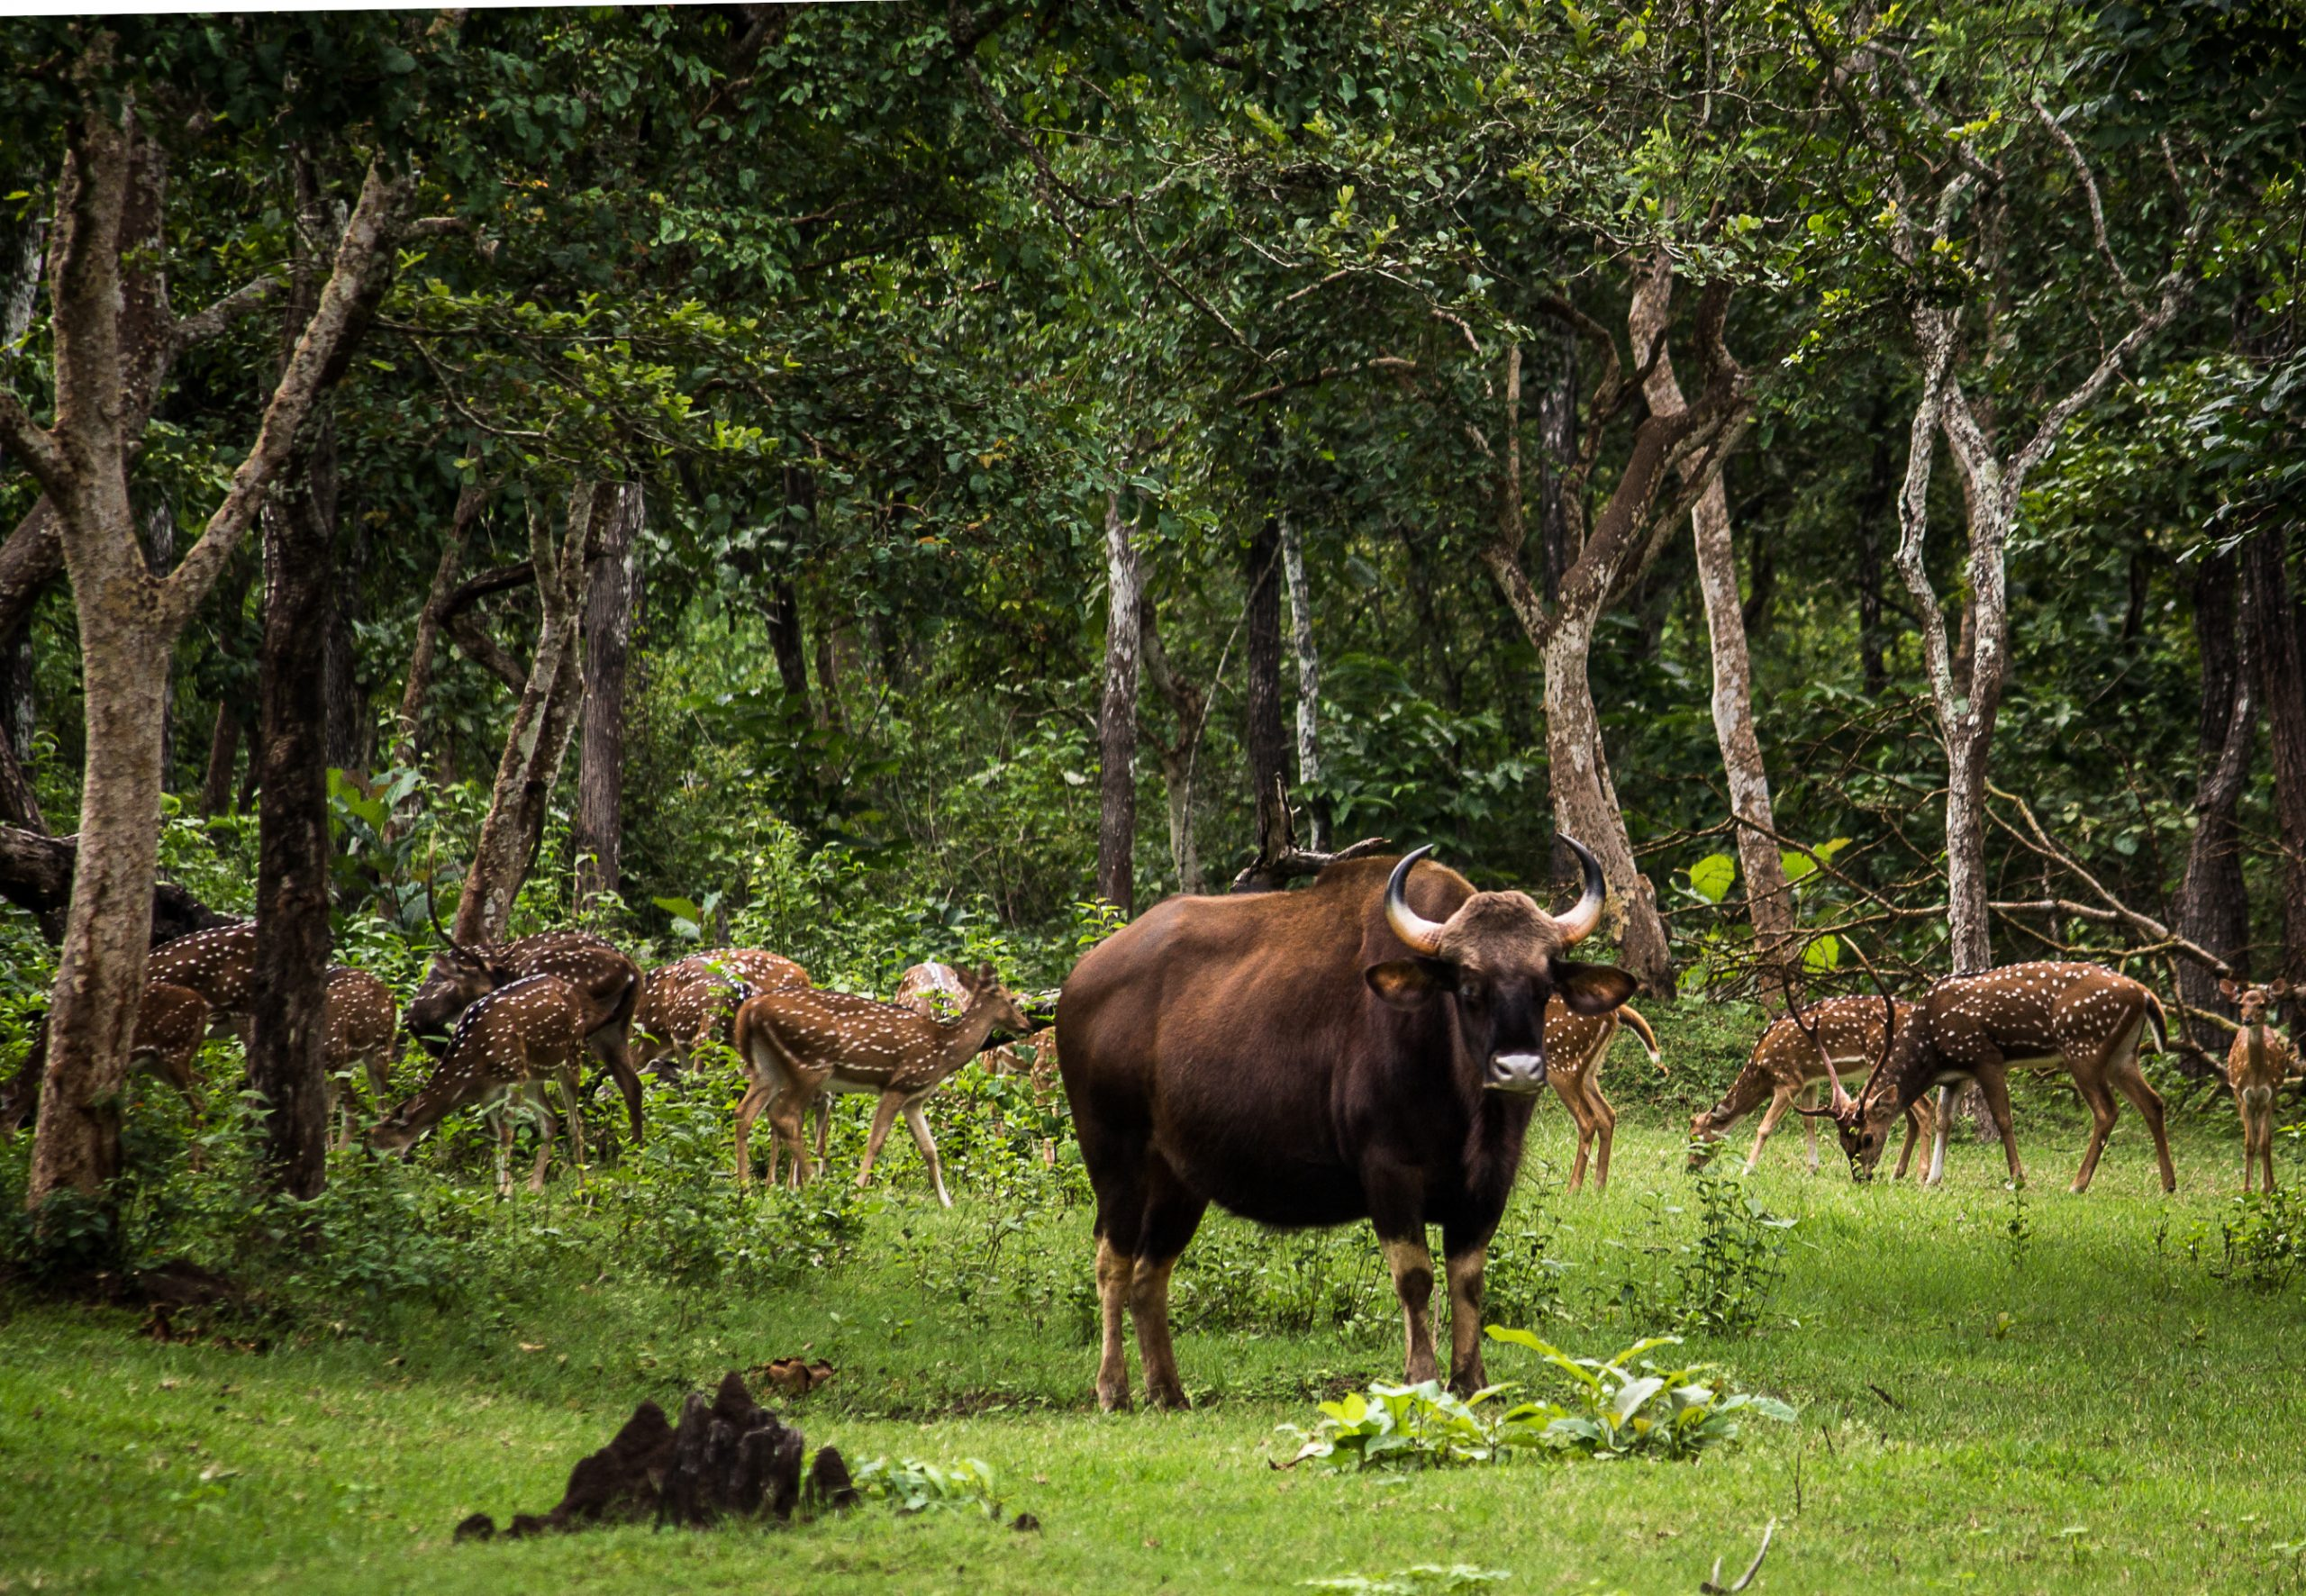 gaur and deers